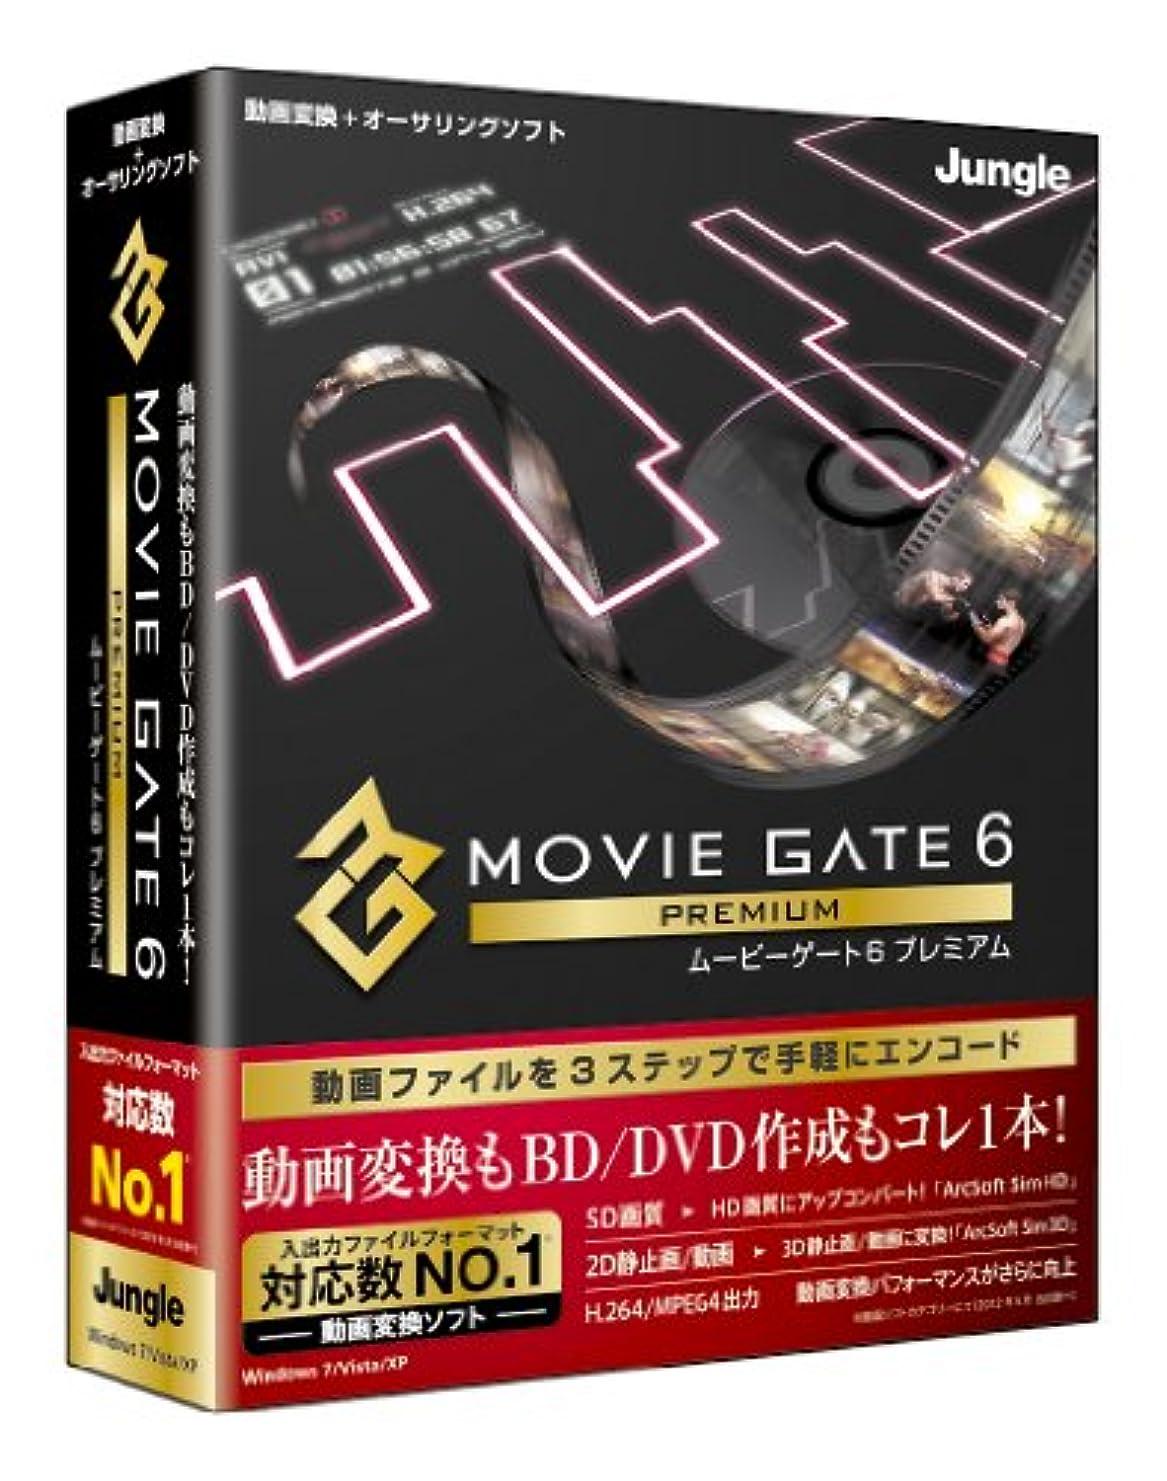 MovieGate 6 Premium